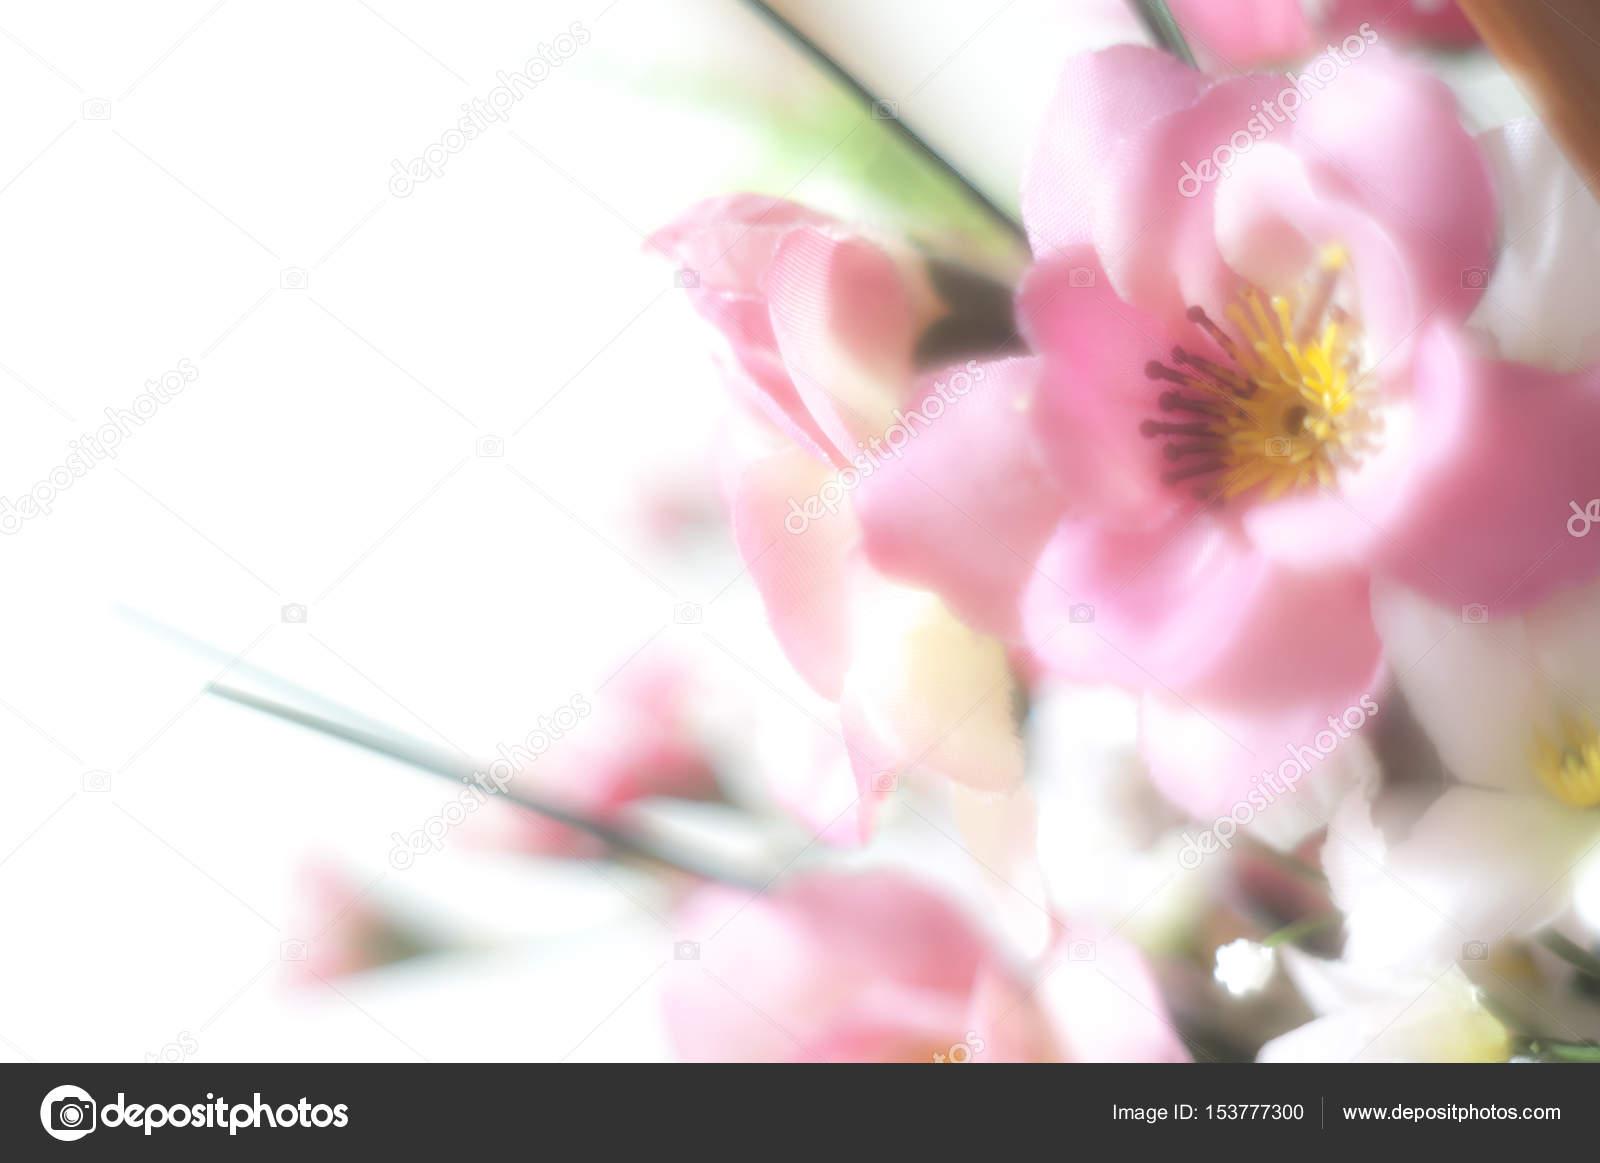 Pink plastic flowers stock photo sssanchez 153777300 pink plastic flowers stock photo mightylinksfo